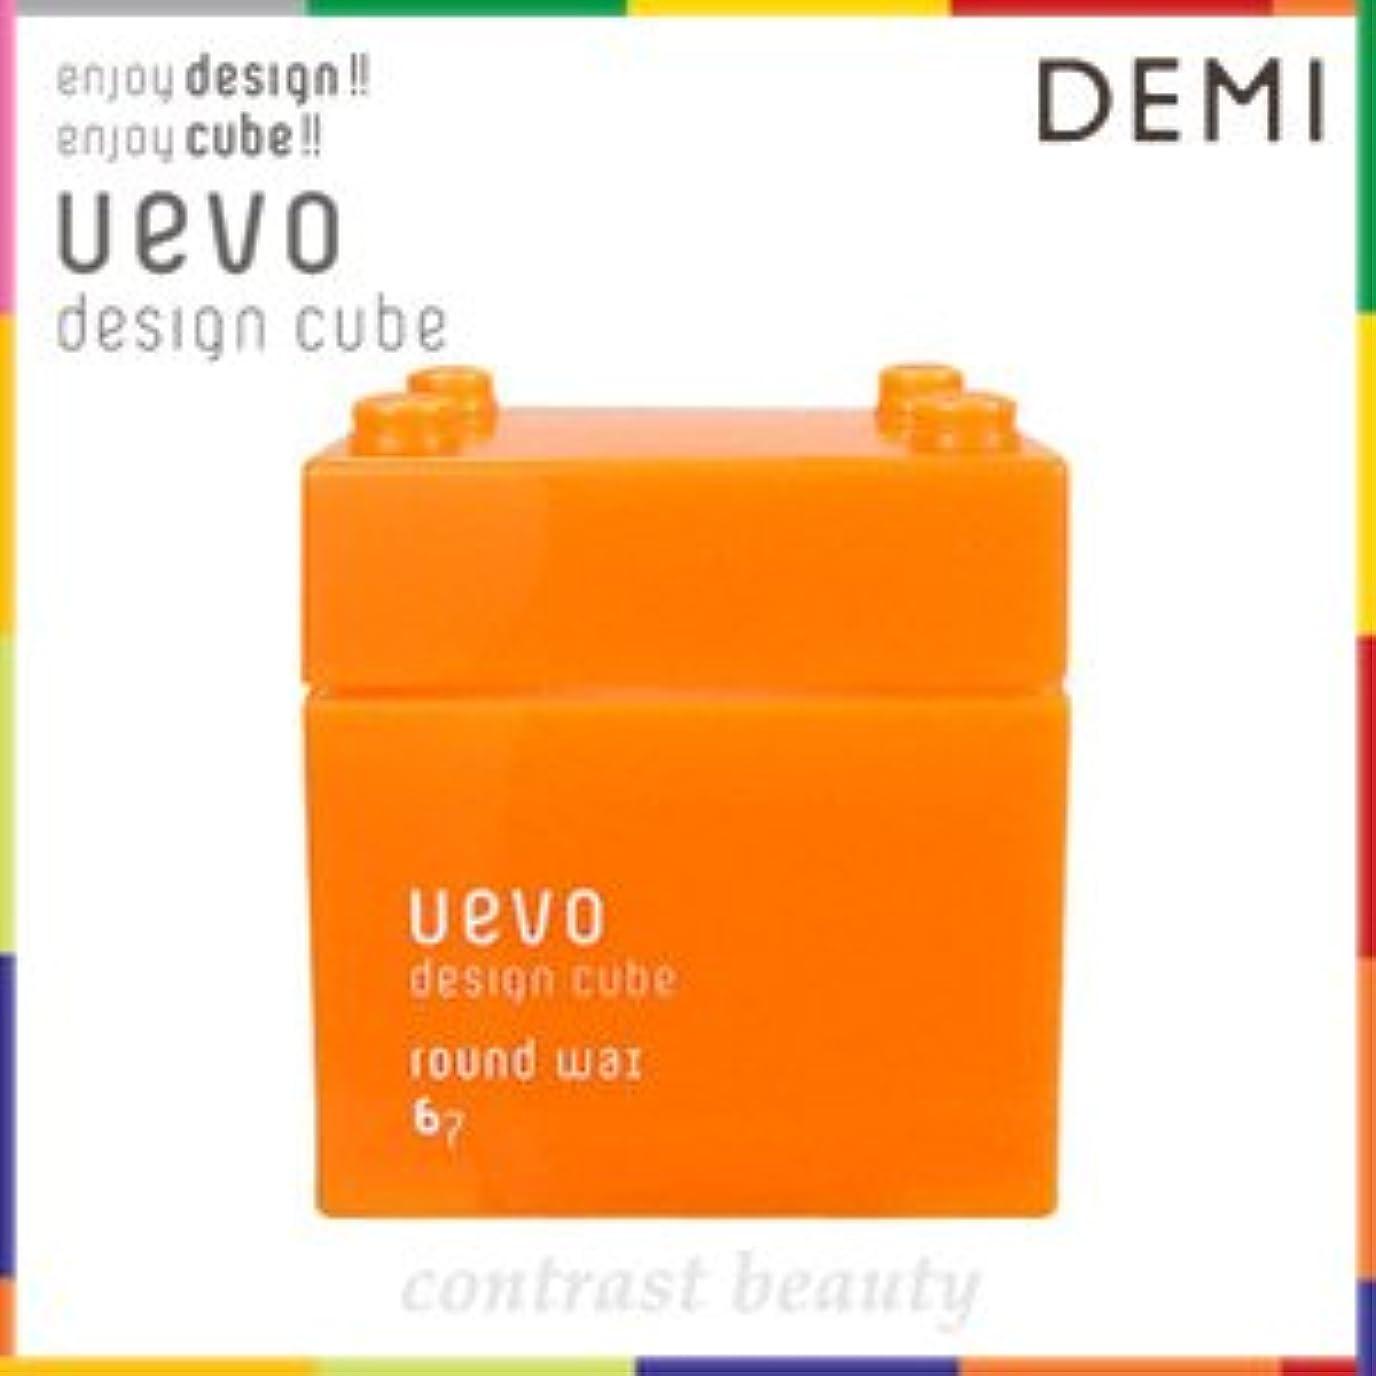 ストッキング科学的甲虫【X2個セット】 デミ ウェーボ デザインキューブ ラウンドワックス 80g round wax DEMI uevo design cube